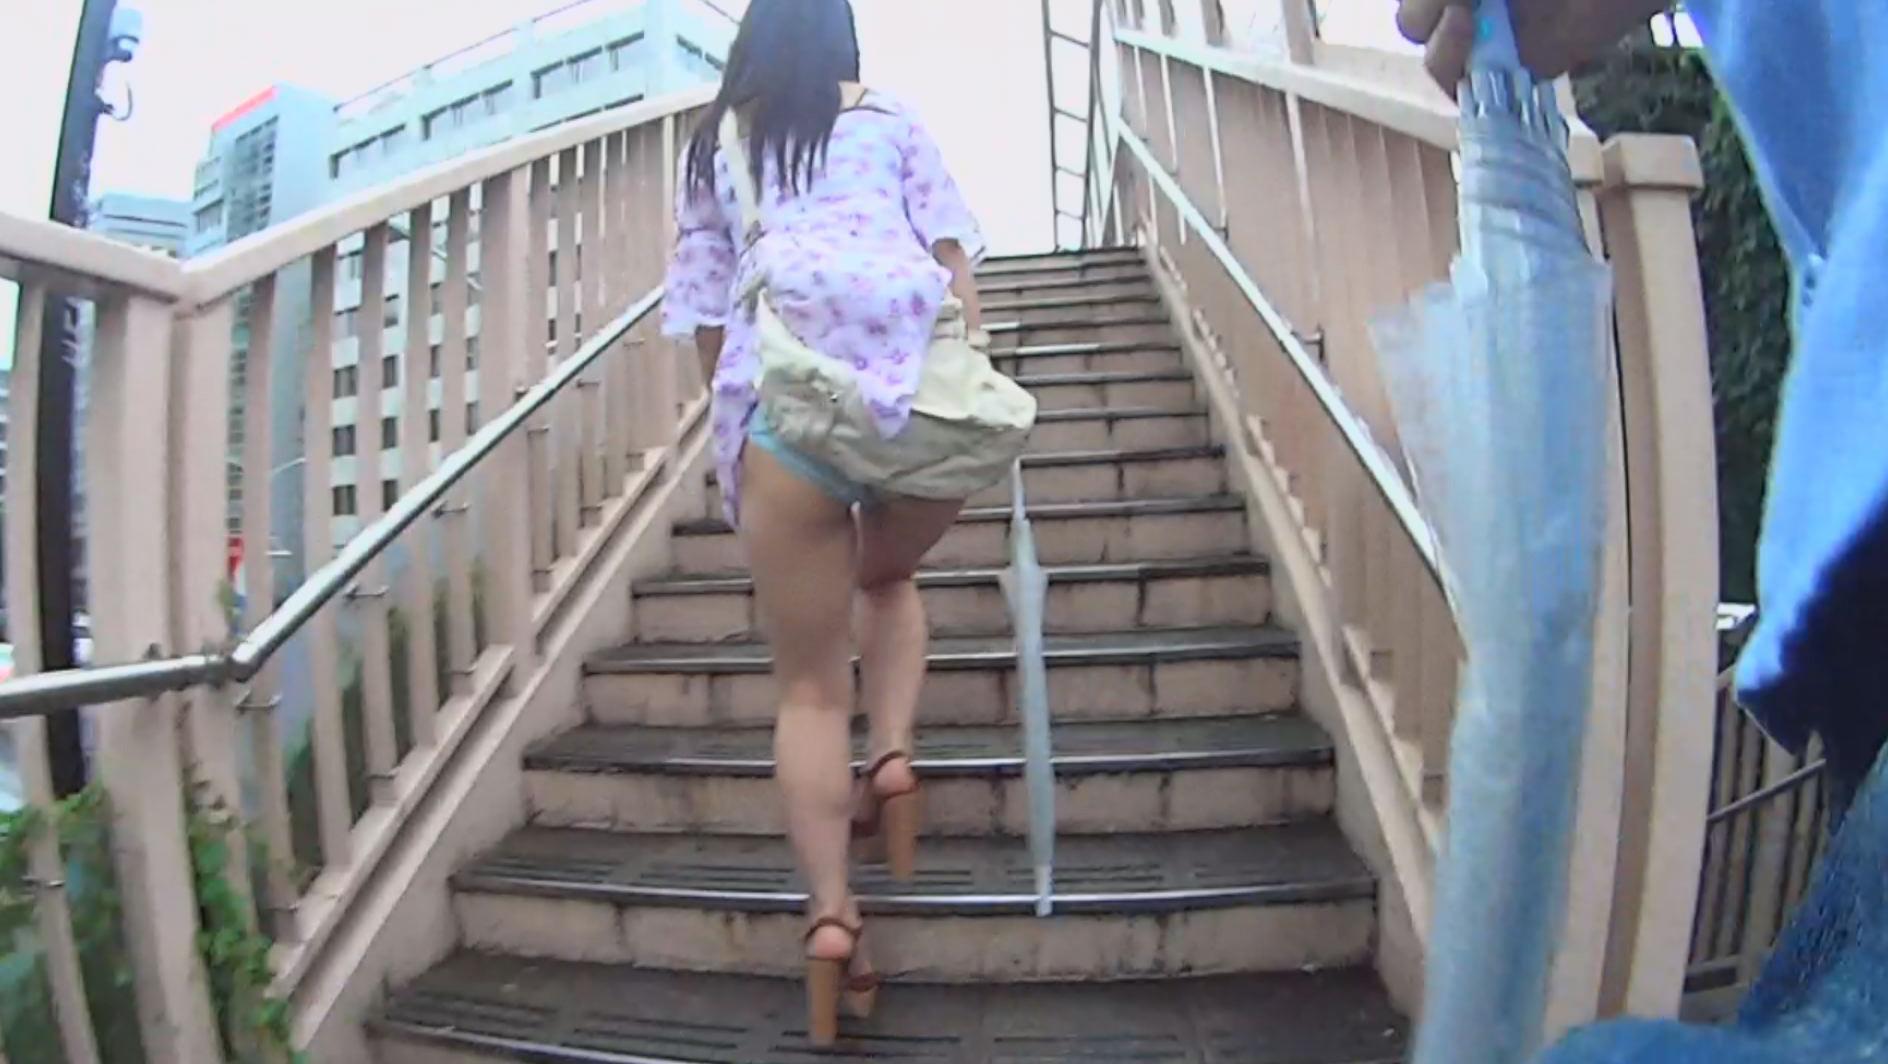 うっかりパンモロ娘 カバンやパンストにスカート引っ掛けちゃったおっちょこちょいな女の子たち 画像6